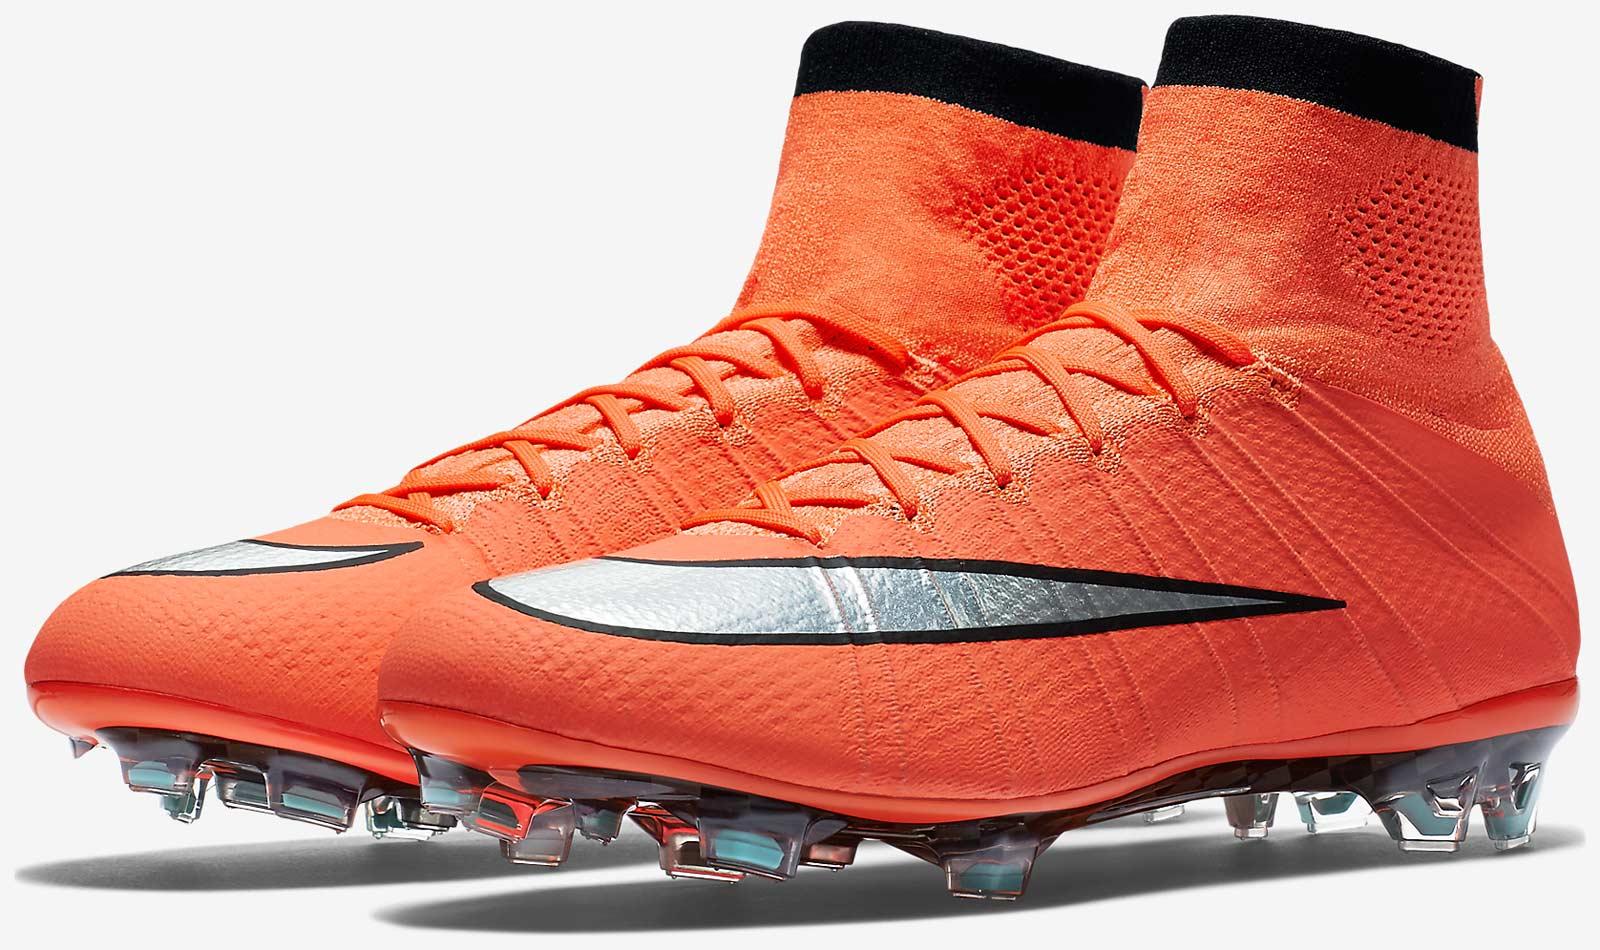 Nike Mercurial Superfly Bright Mango  edaf2b0ad